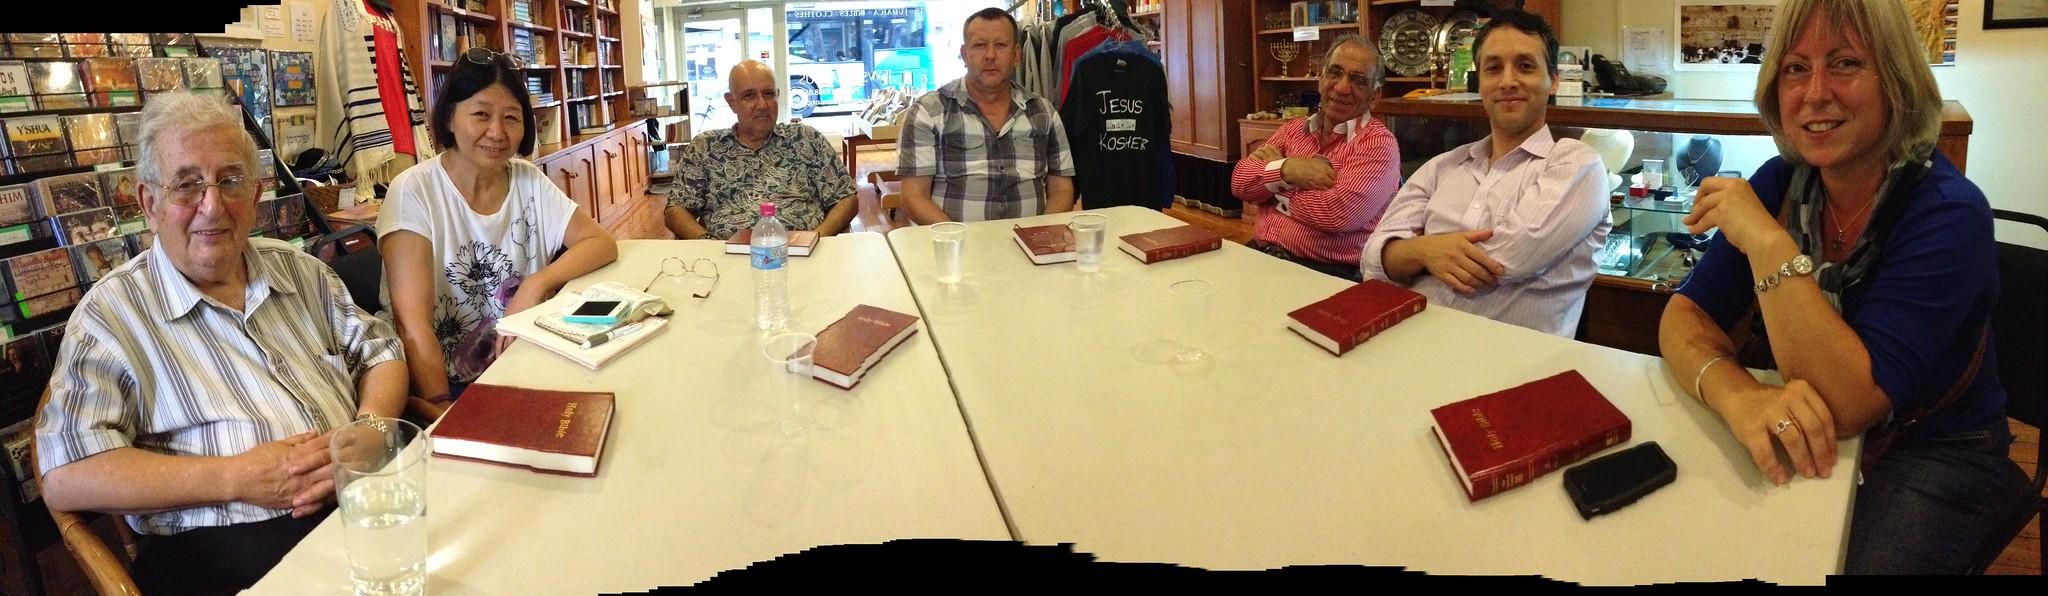 Jews for Jesus Bible Study Class